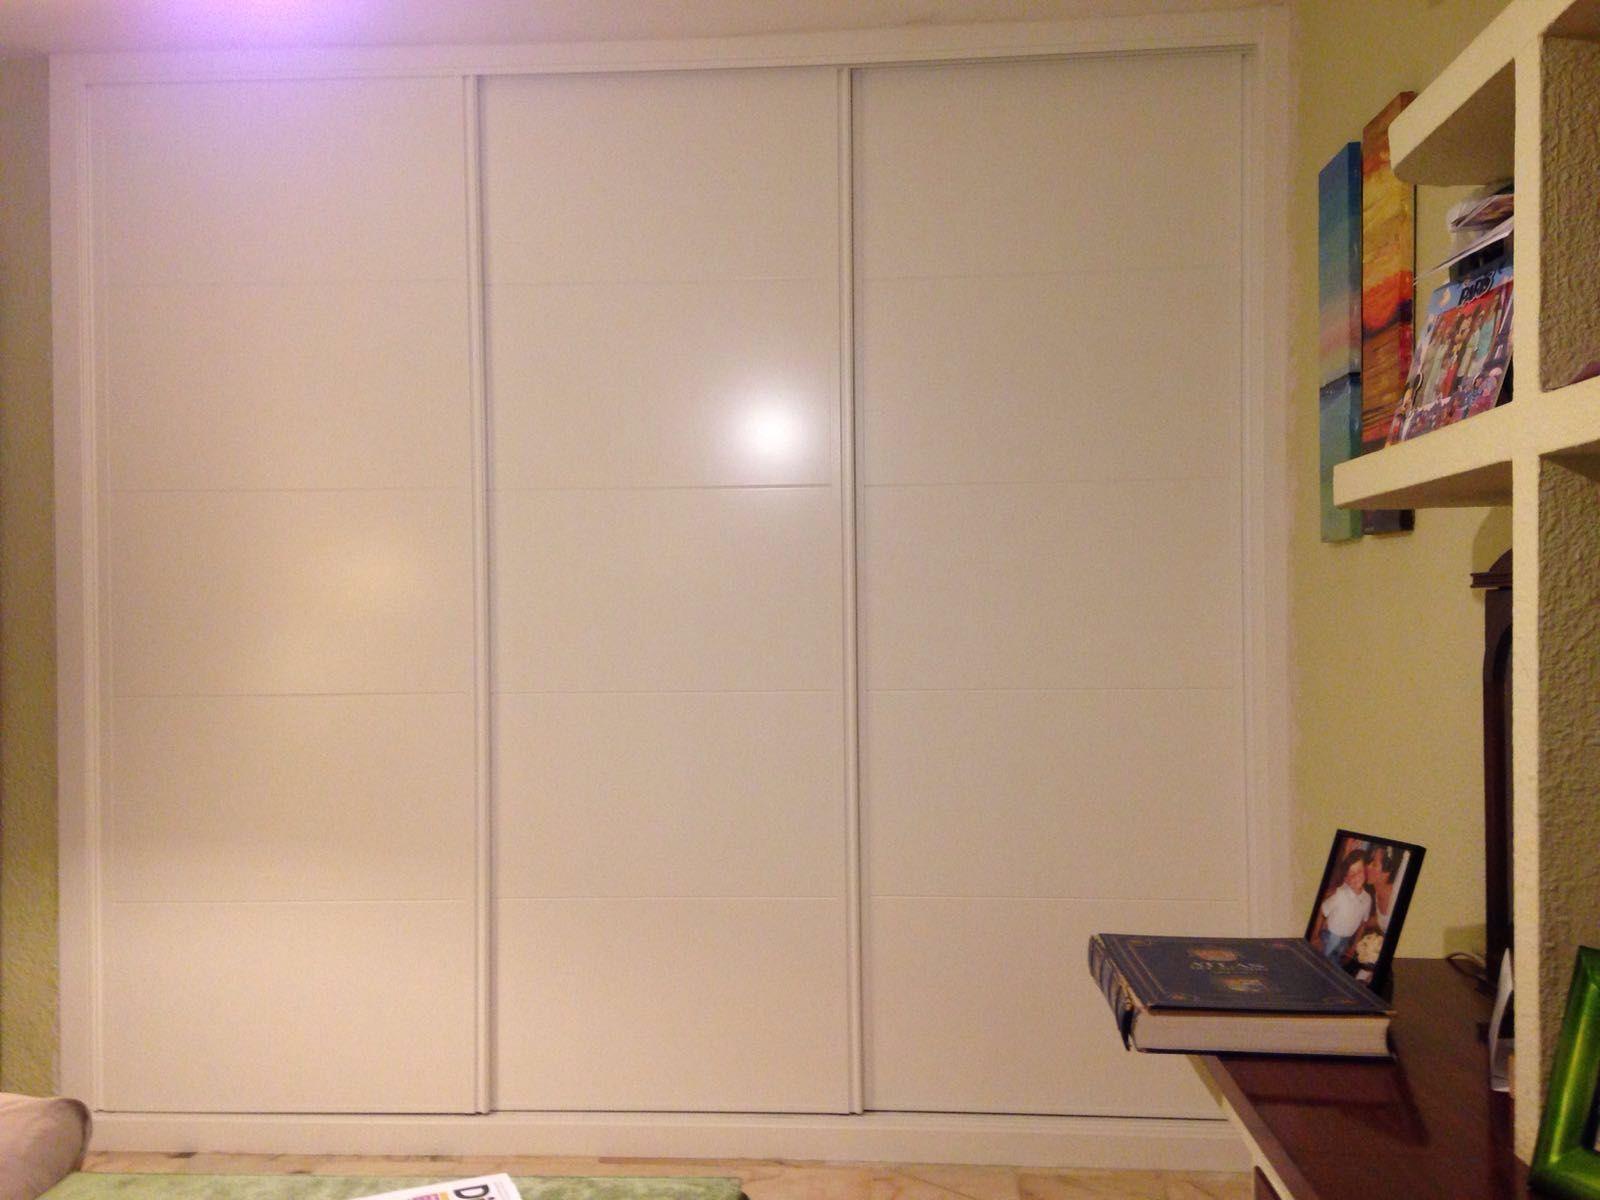 Frente de armario 3 hojas correderas lacado en blanco - Frentes armarios correderas ...